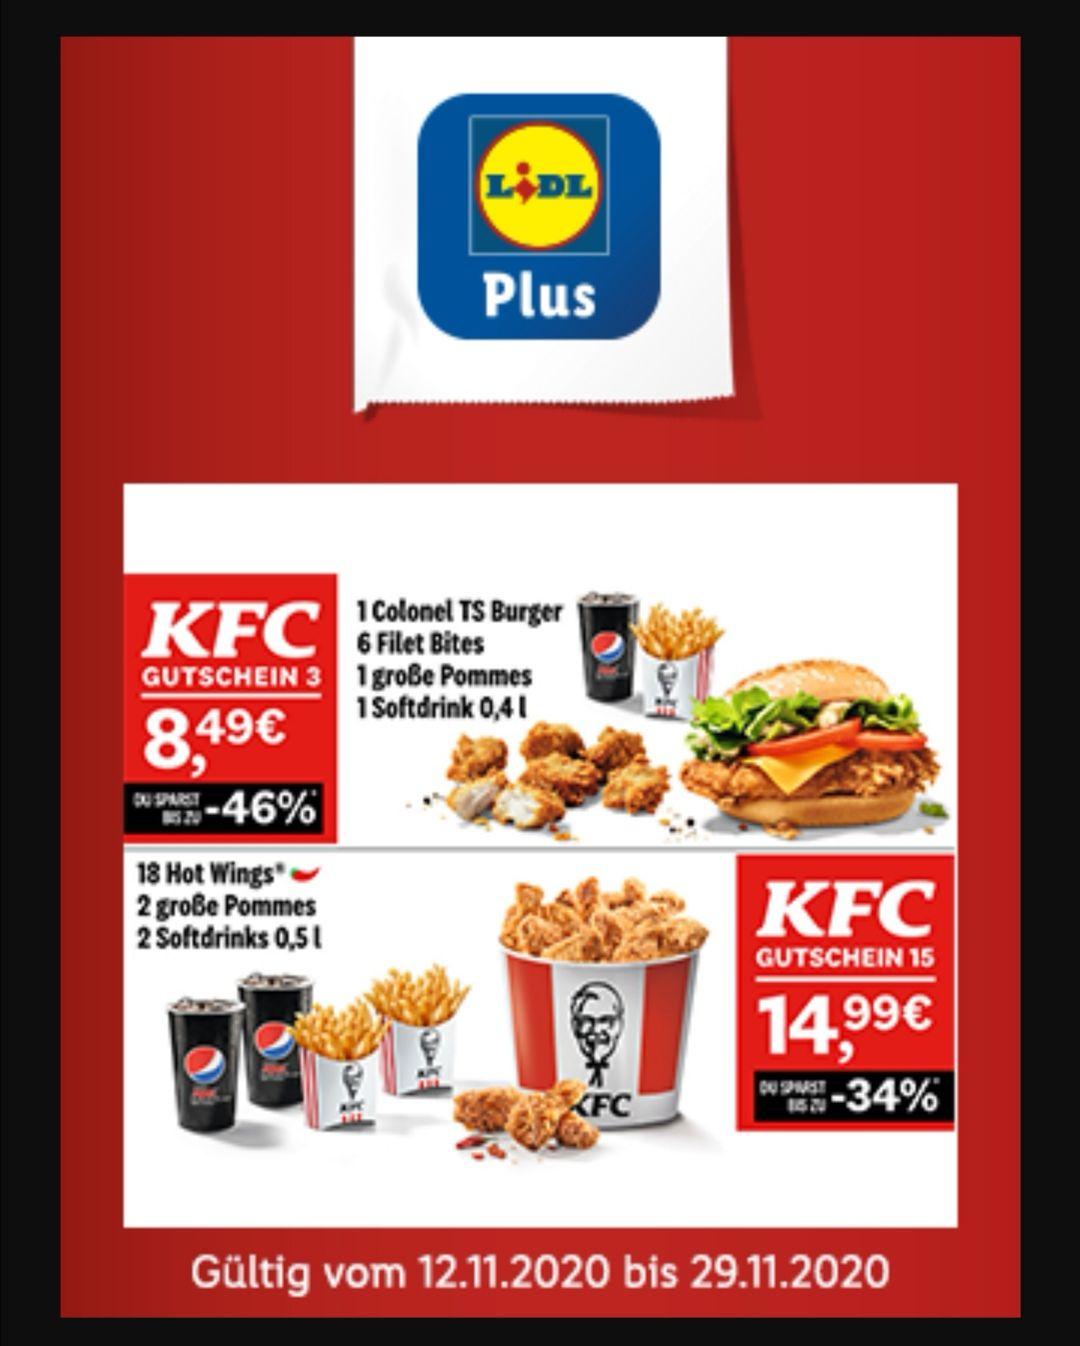 KFC Gutscheine *extra zur KFC App*